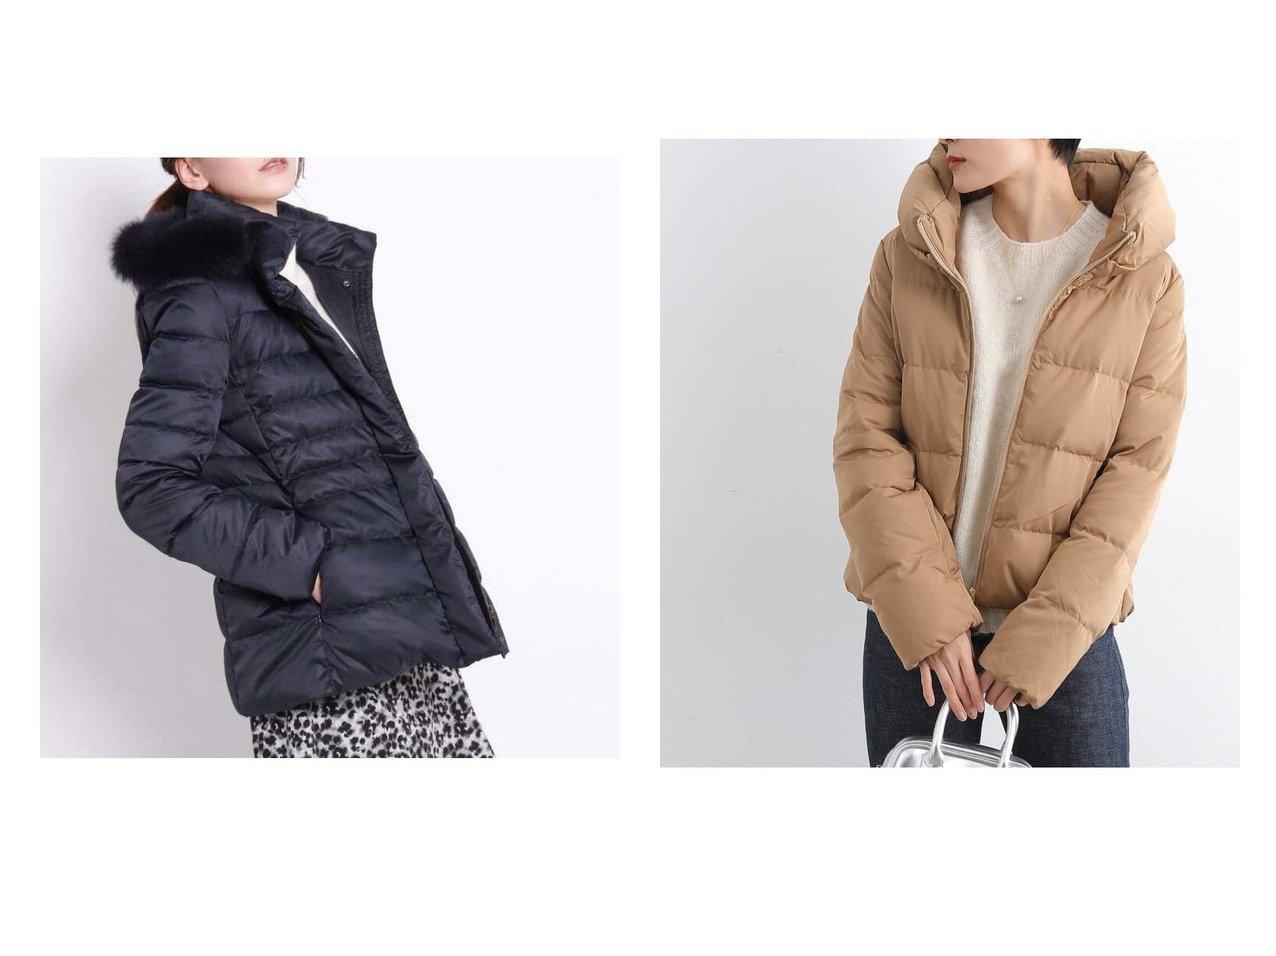 【COUP DE CHANCE/クード シャンス】のマルチダウンコート&【Adam et Rope Le Magasin/アダム エ ロペ ル マガザン】のピーチスキンダウン アウターのおすすめ!人気、トレンド・レディースファッションの通販  おすすめで人気の流行・トレンド、ファッションの通販商品 メンズファッション・キッズファッション・インテリア・家具・レディースファッション・服の通販 founy(ファニー) https://founy.com/ ファッション Fashion レディースファッション WOMEN アウター Coat Outerwear コート Coats ジャケット Jackets ダウン Down Coats And Jackets ジャケット ダウン フェイクファー ポケット 防寒 |ID:crp329100000010004